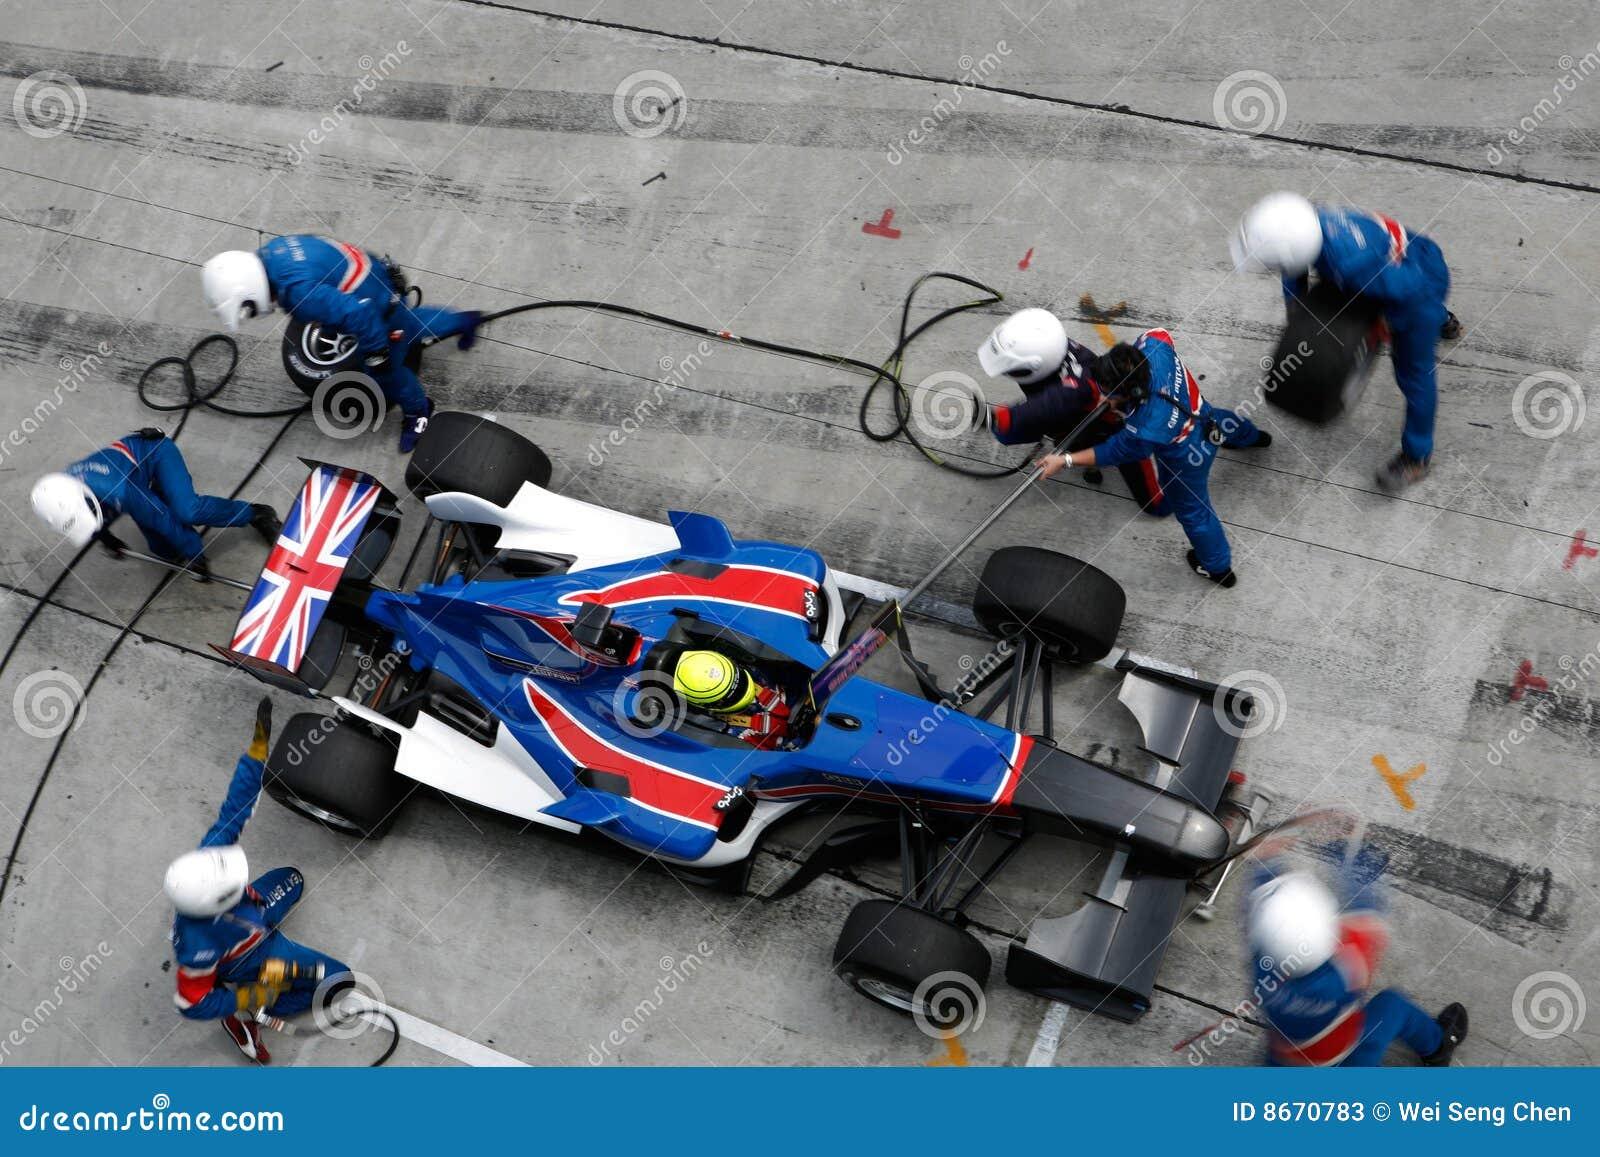 Grubenanschlag Team-Großbritannien-A1